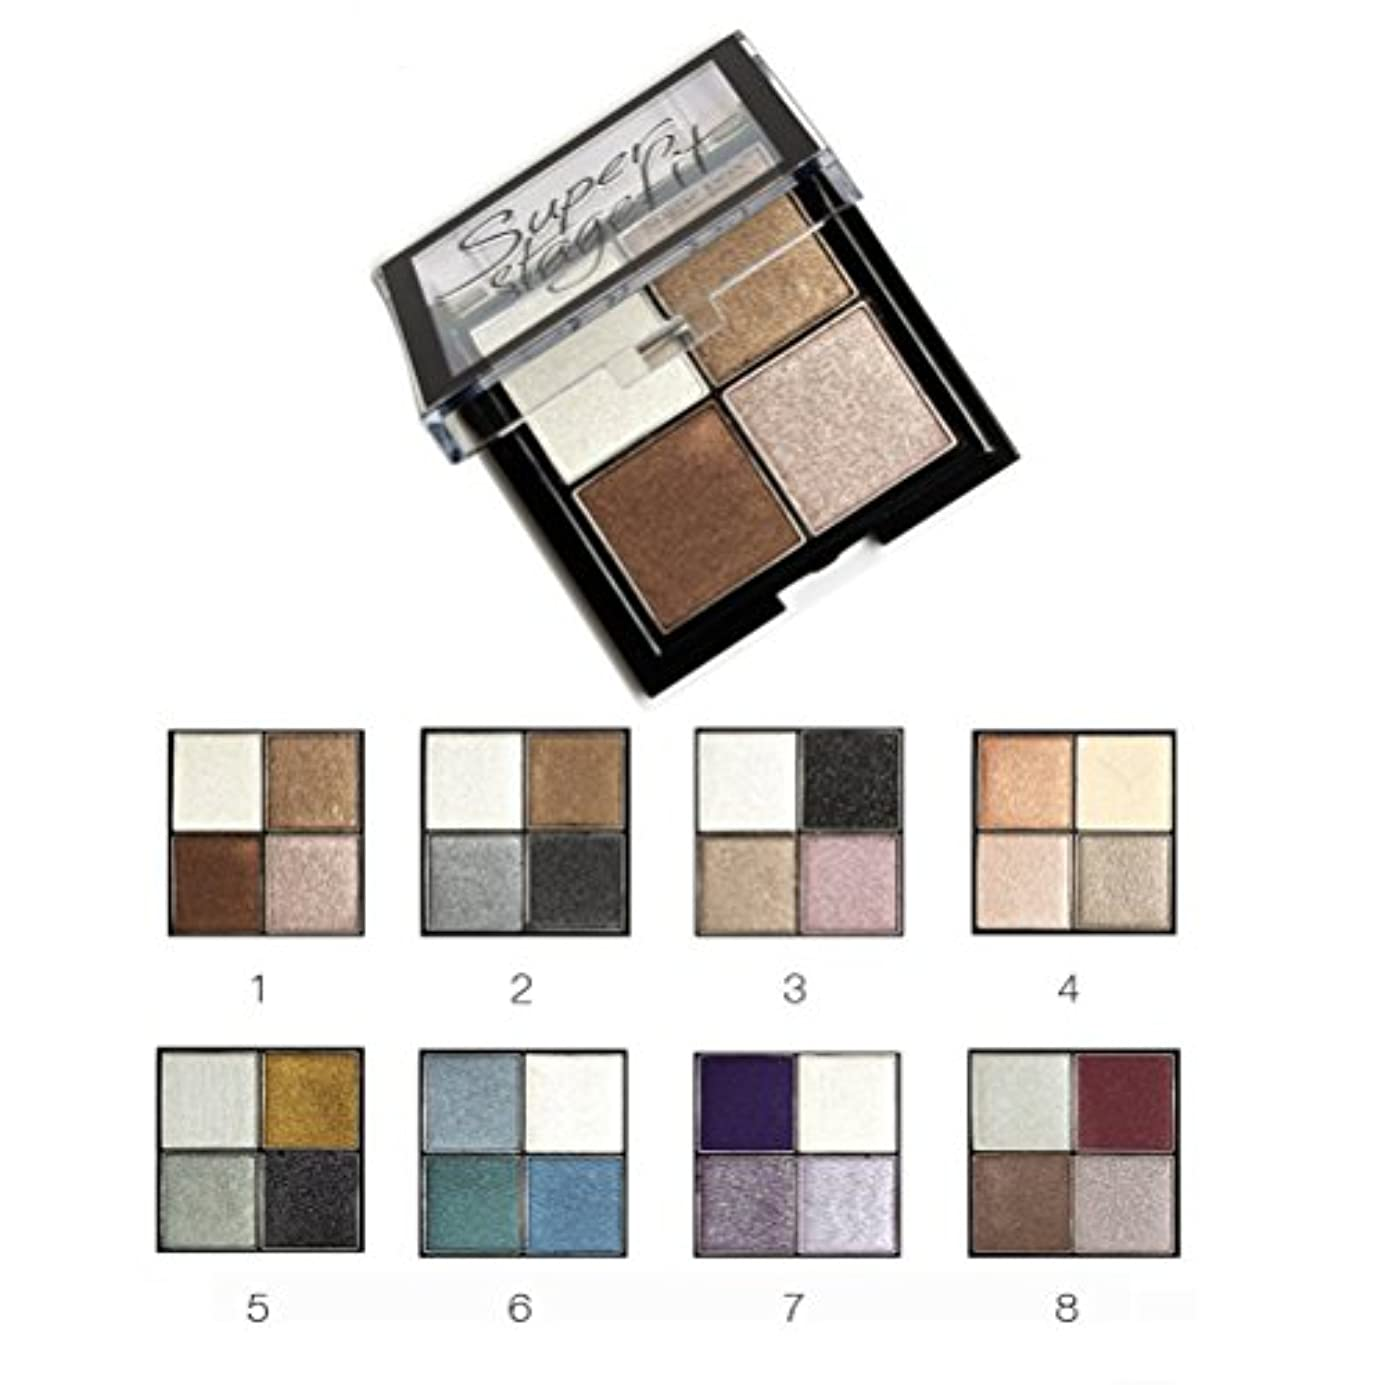 レザーミンチ相手MakeupAcc アイシャドウパレット 4色 ブラシ?鏡付き 8シリーズオプション ラメ マット  (01) [並行輸入品]